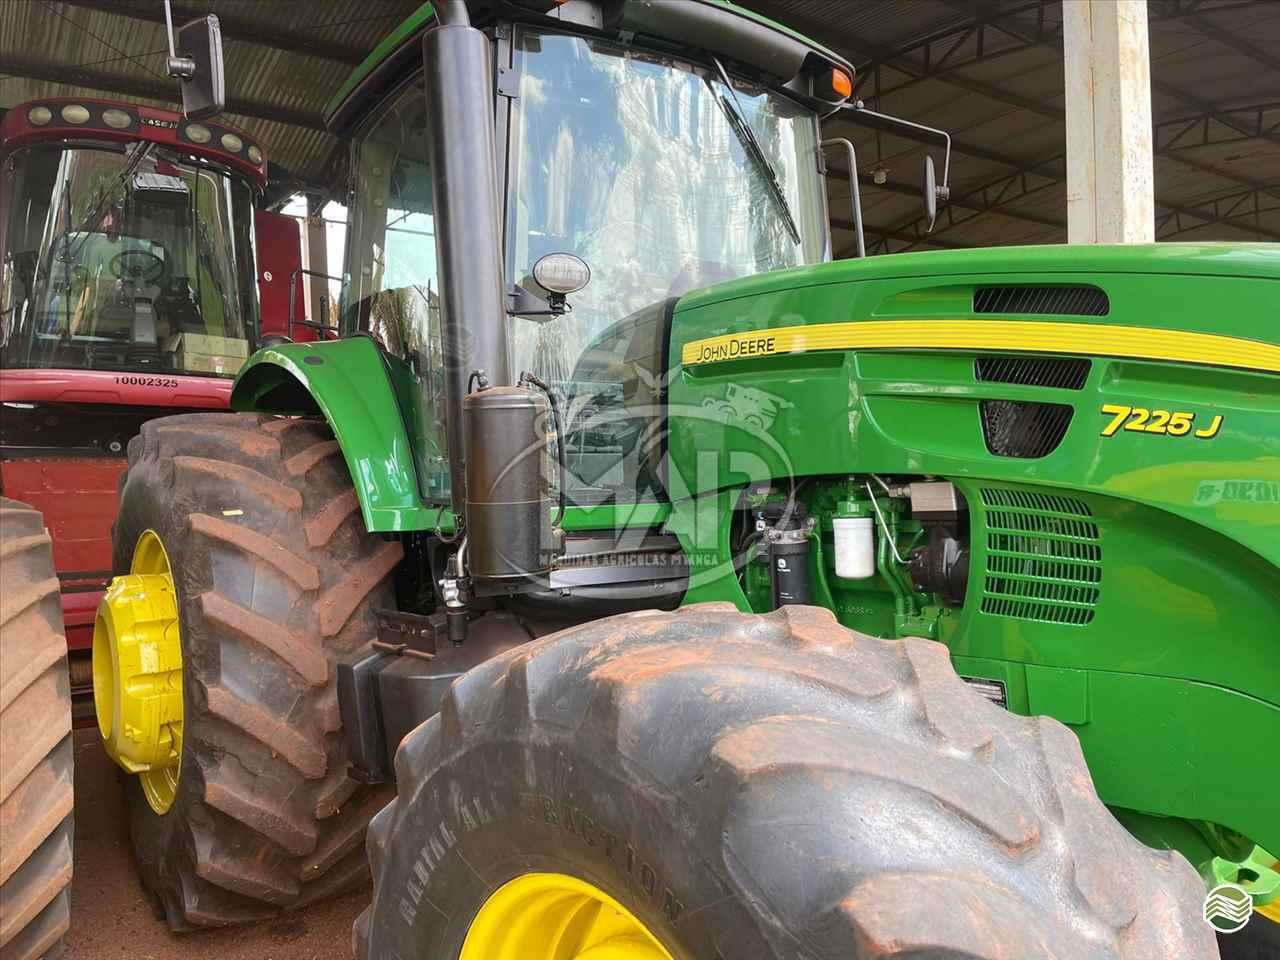 JOHN DEERE 7225 de Máquinas Agrícolas Pitanga - PITANGA/PR